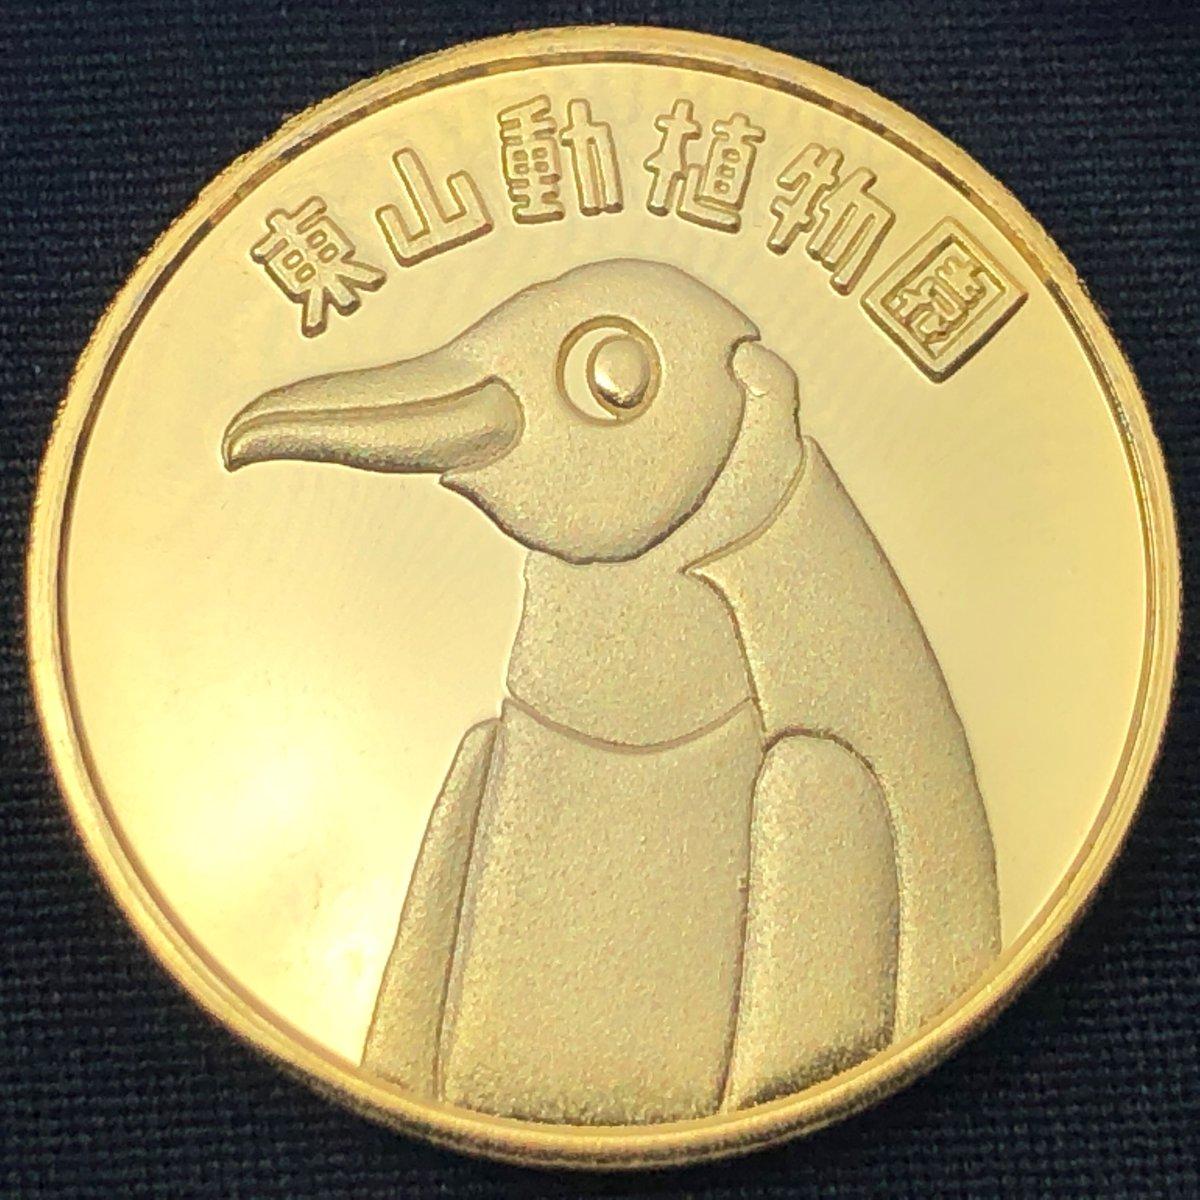 test ツイッターメディア - 東山動植物園の記念メダル(ペンギン)。 https://t.co/SzlDDC2J27